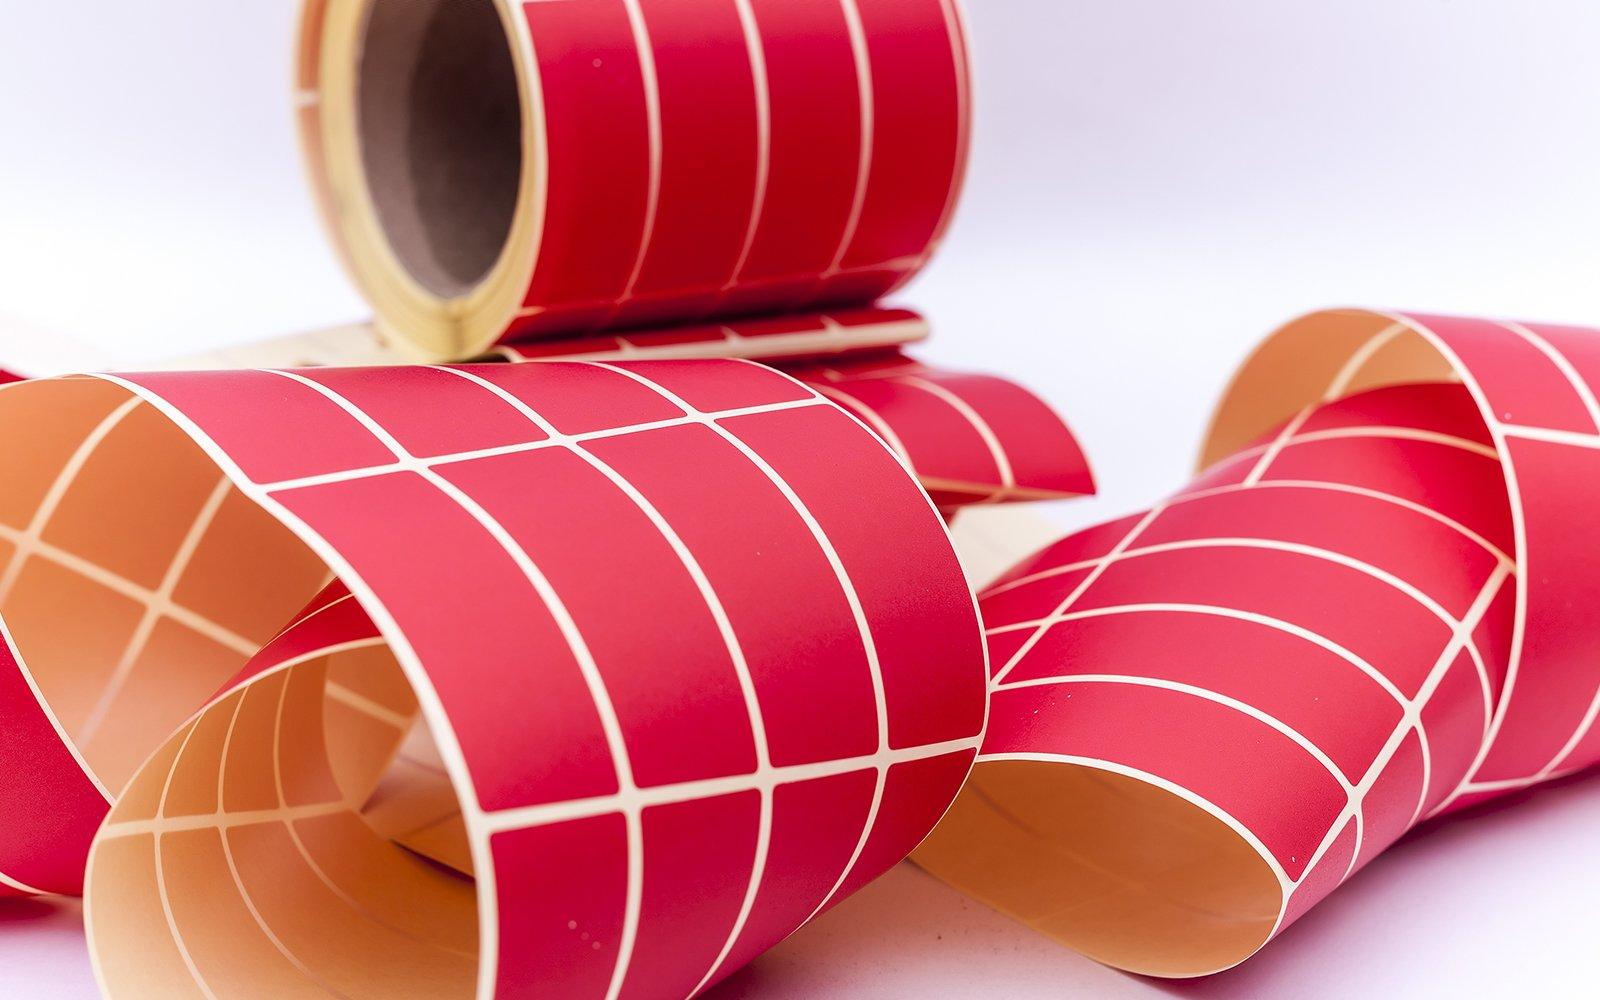 dei rotoli di nastro adesivo di color rosso righe bianche